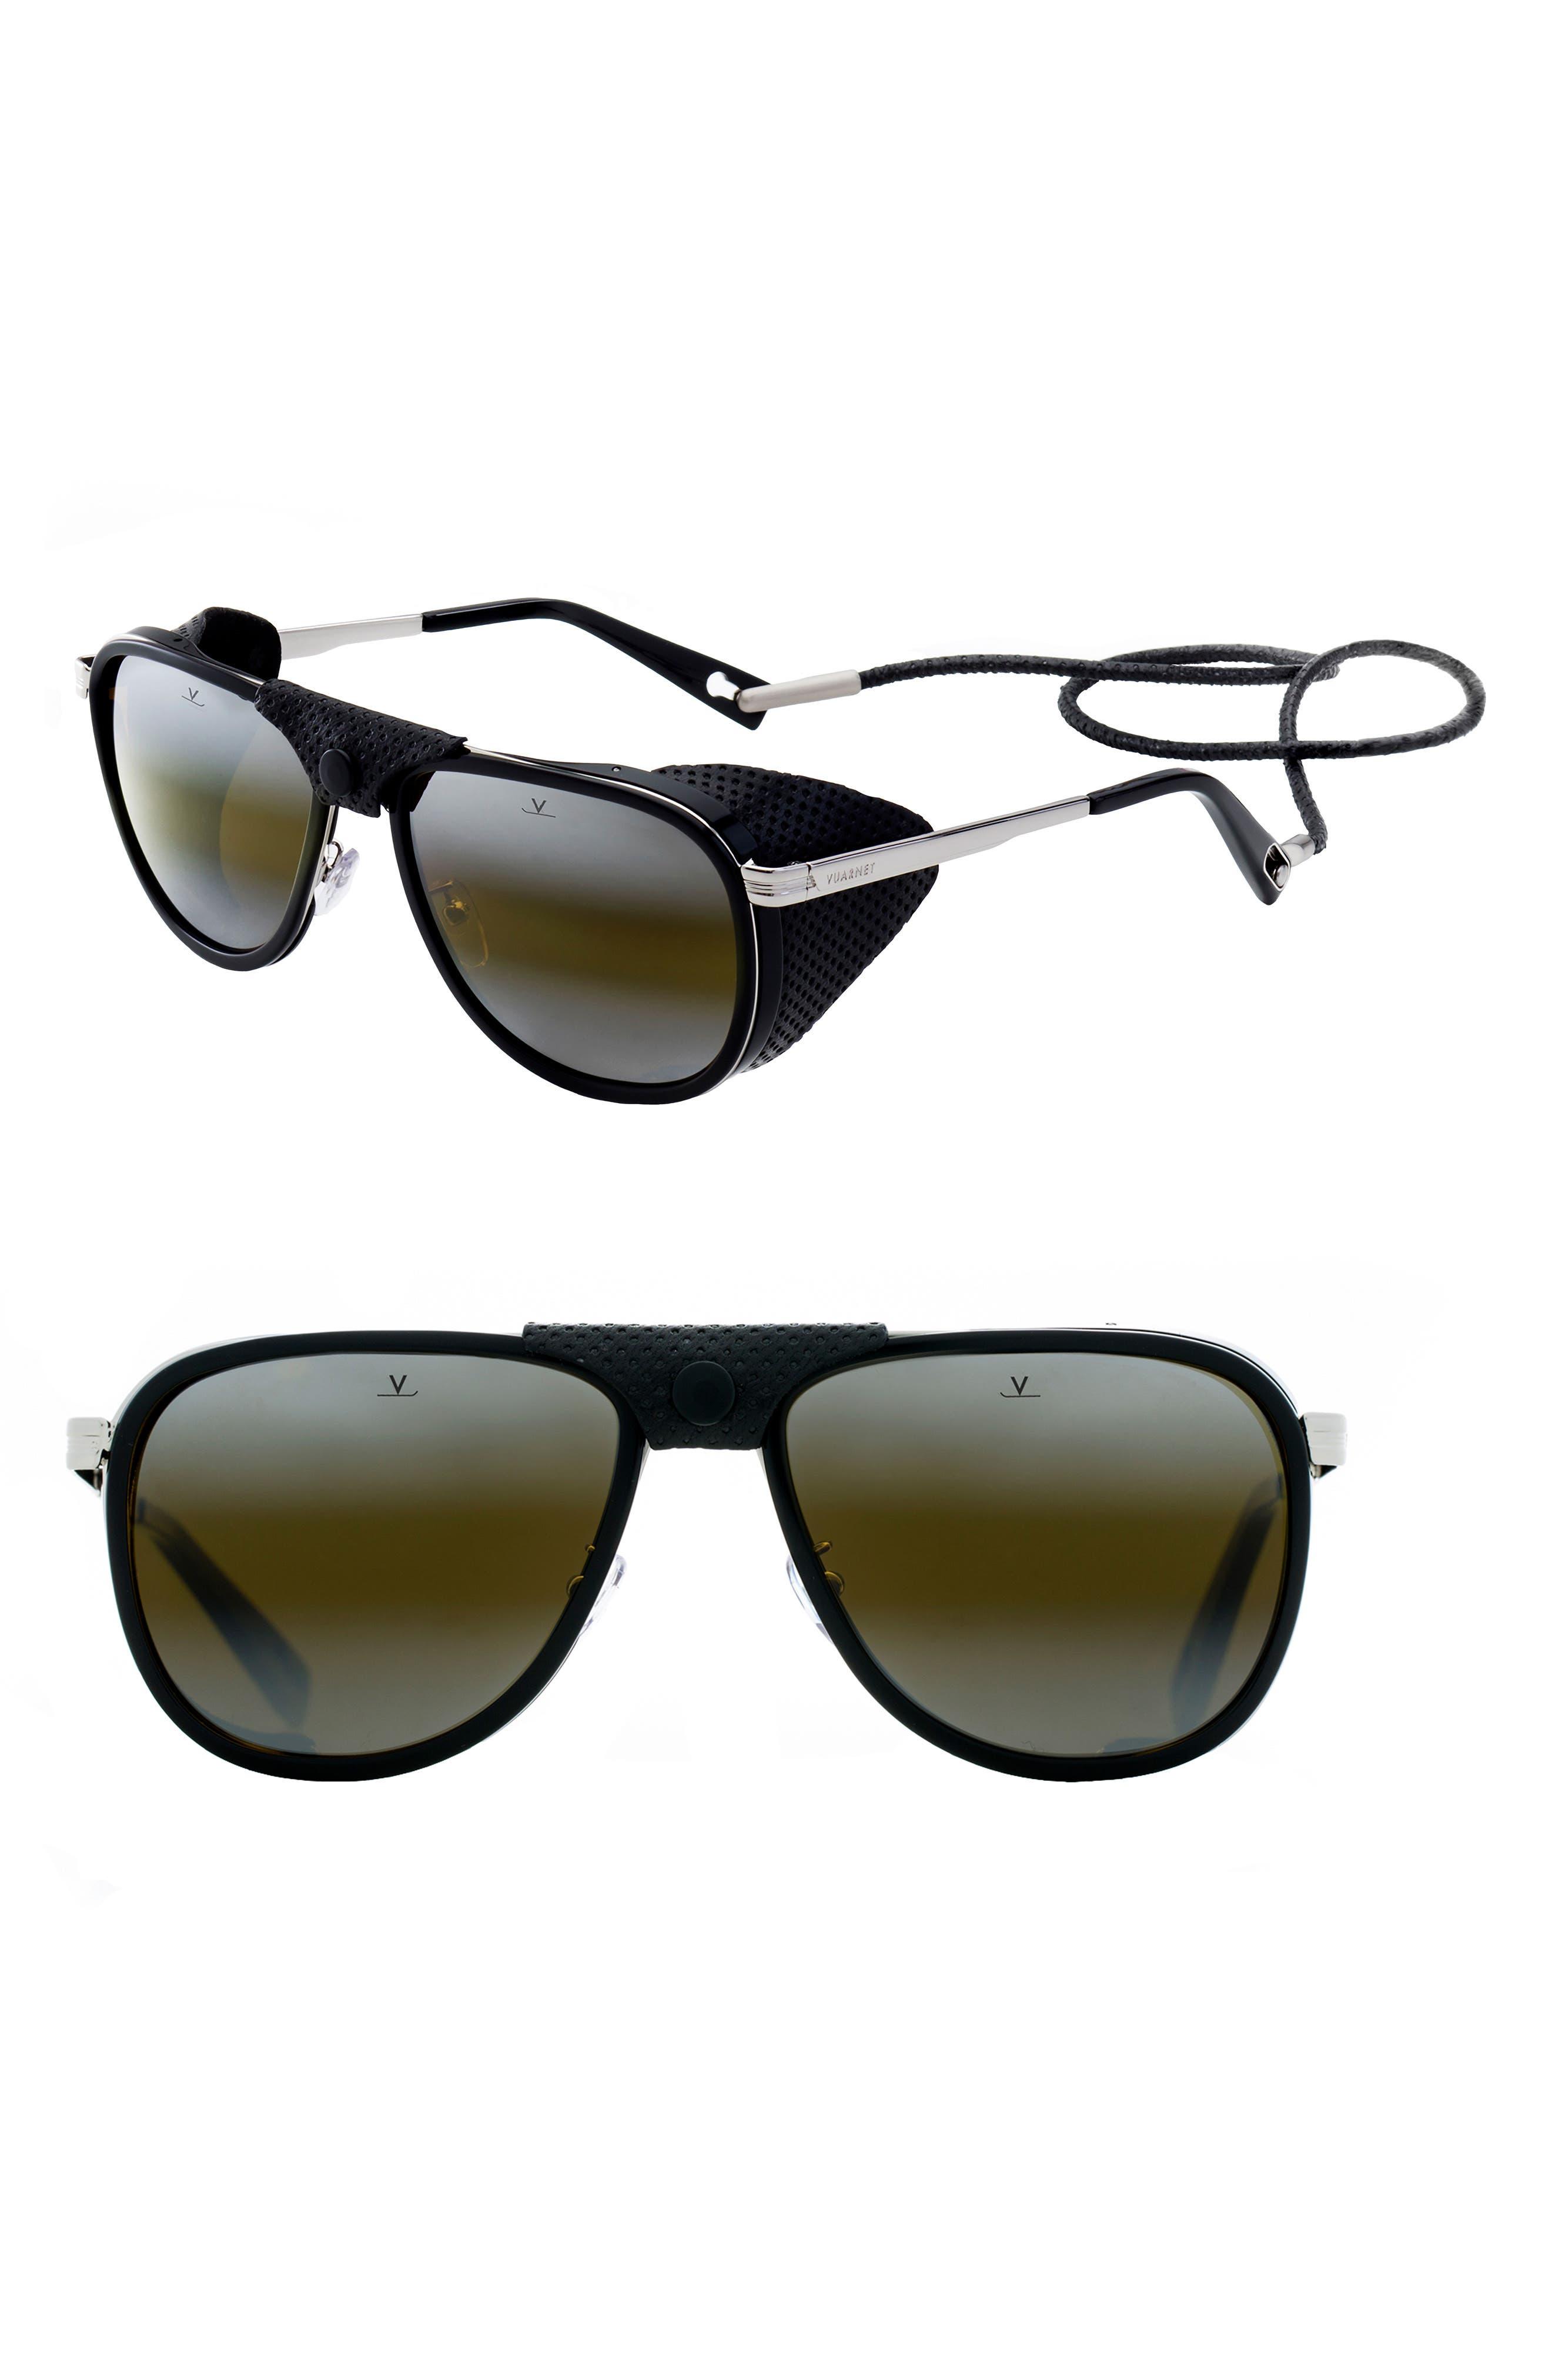 Glacier XL 61mm Polarized Sunglasses,                         Main,                         color, BLACK/ SILVER/ BLACK